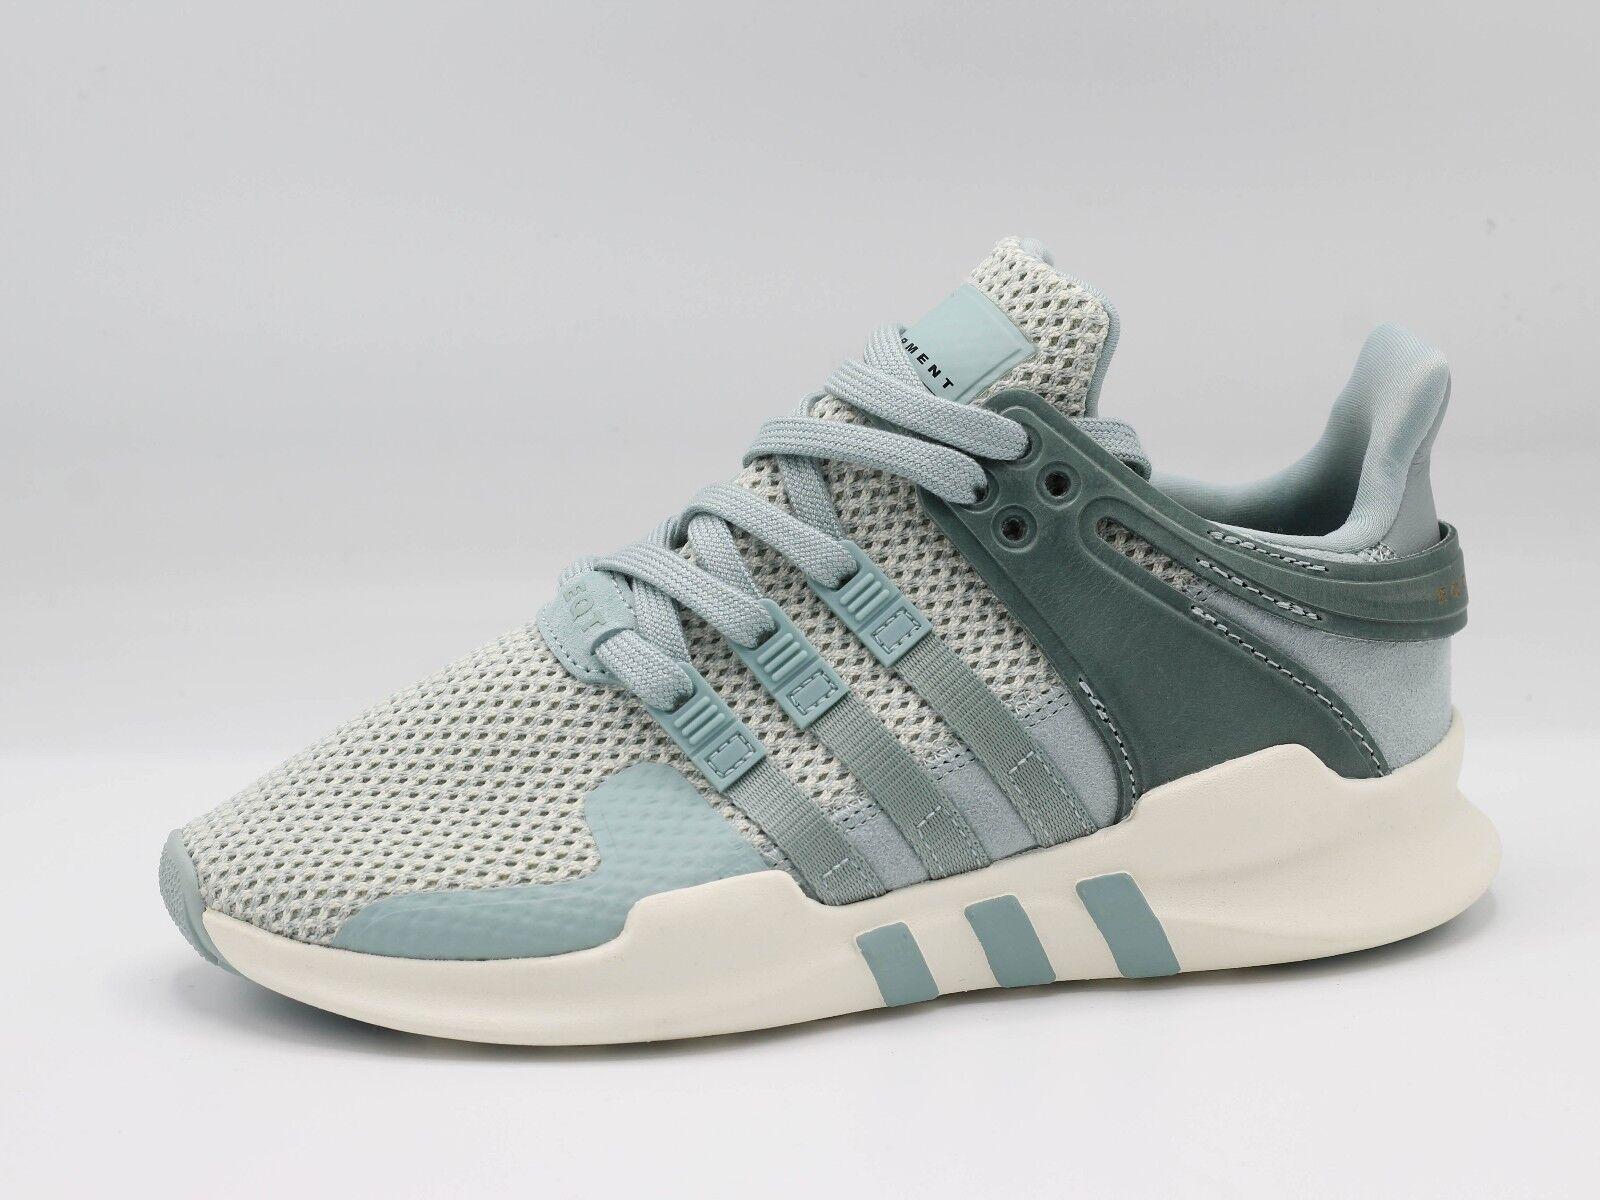 Adidas Originals ba 7580 equipment support ADV W verde Zapatos señora cortos